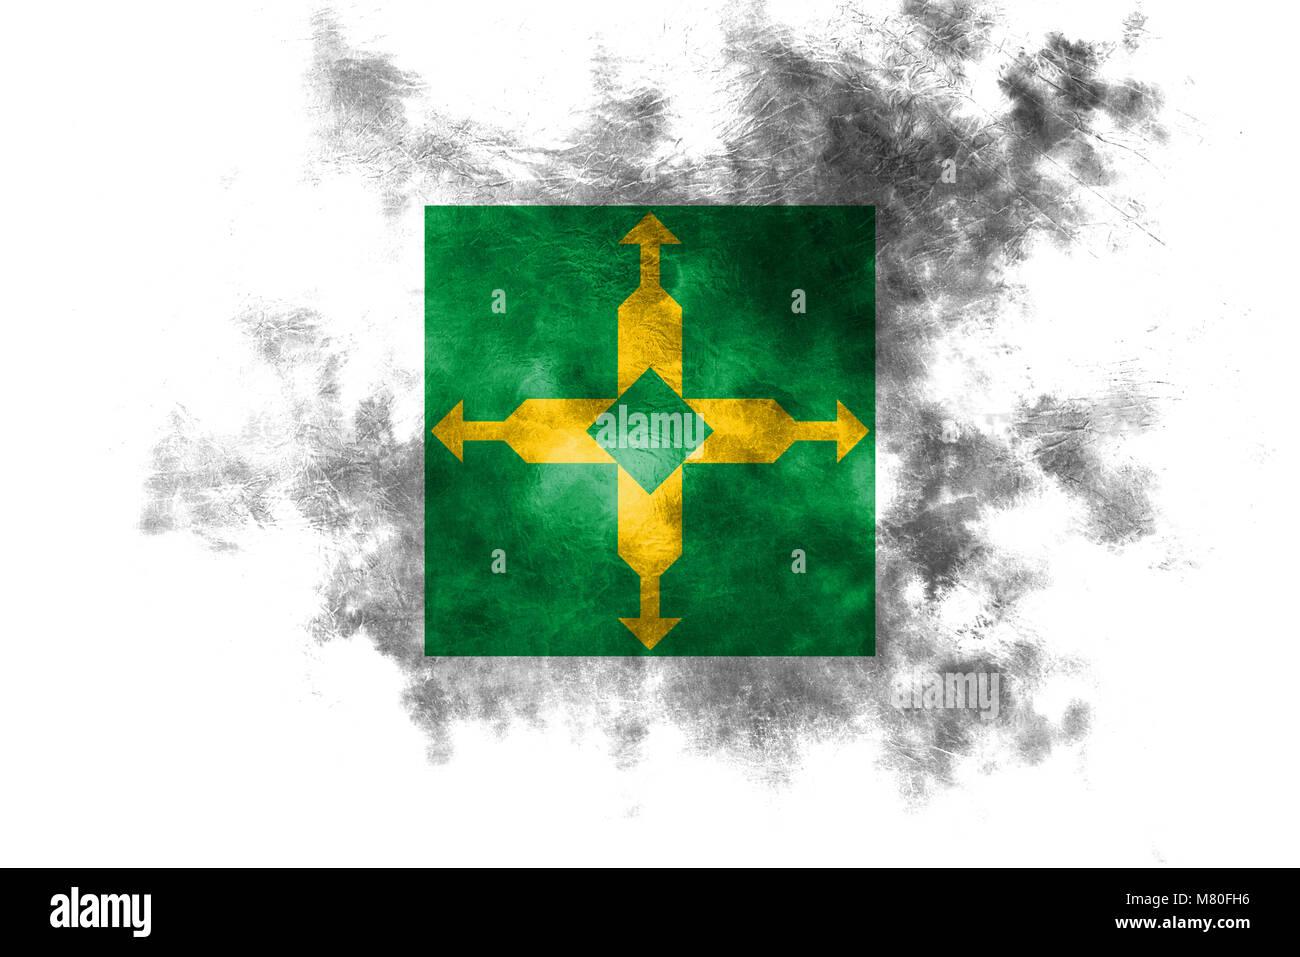 Distrito Federal grunge flag, Ciudad de Mexico - Stock Image